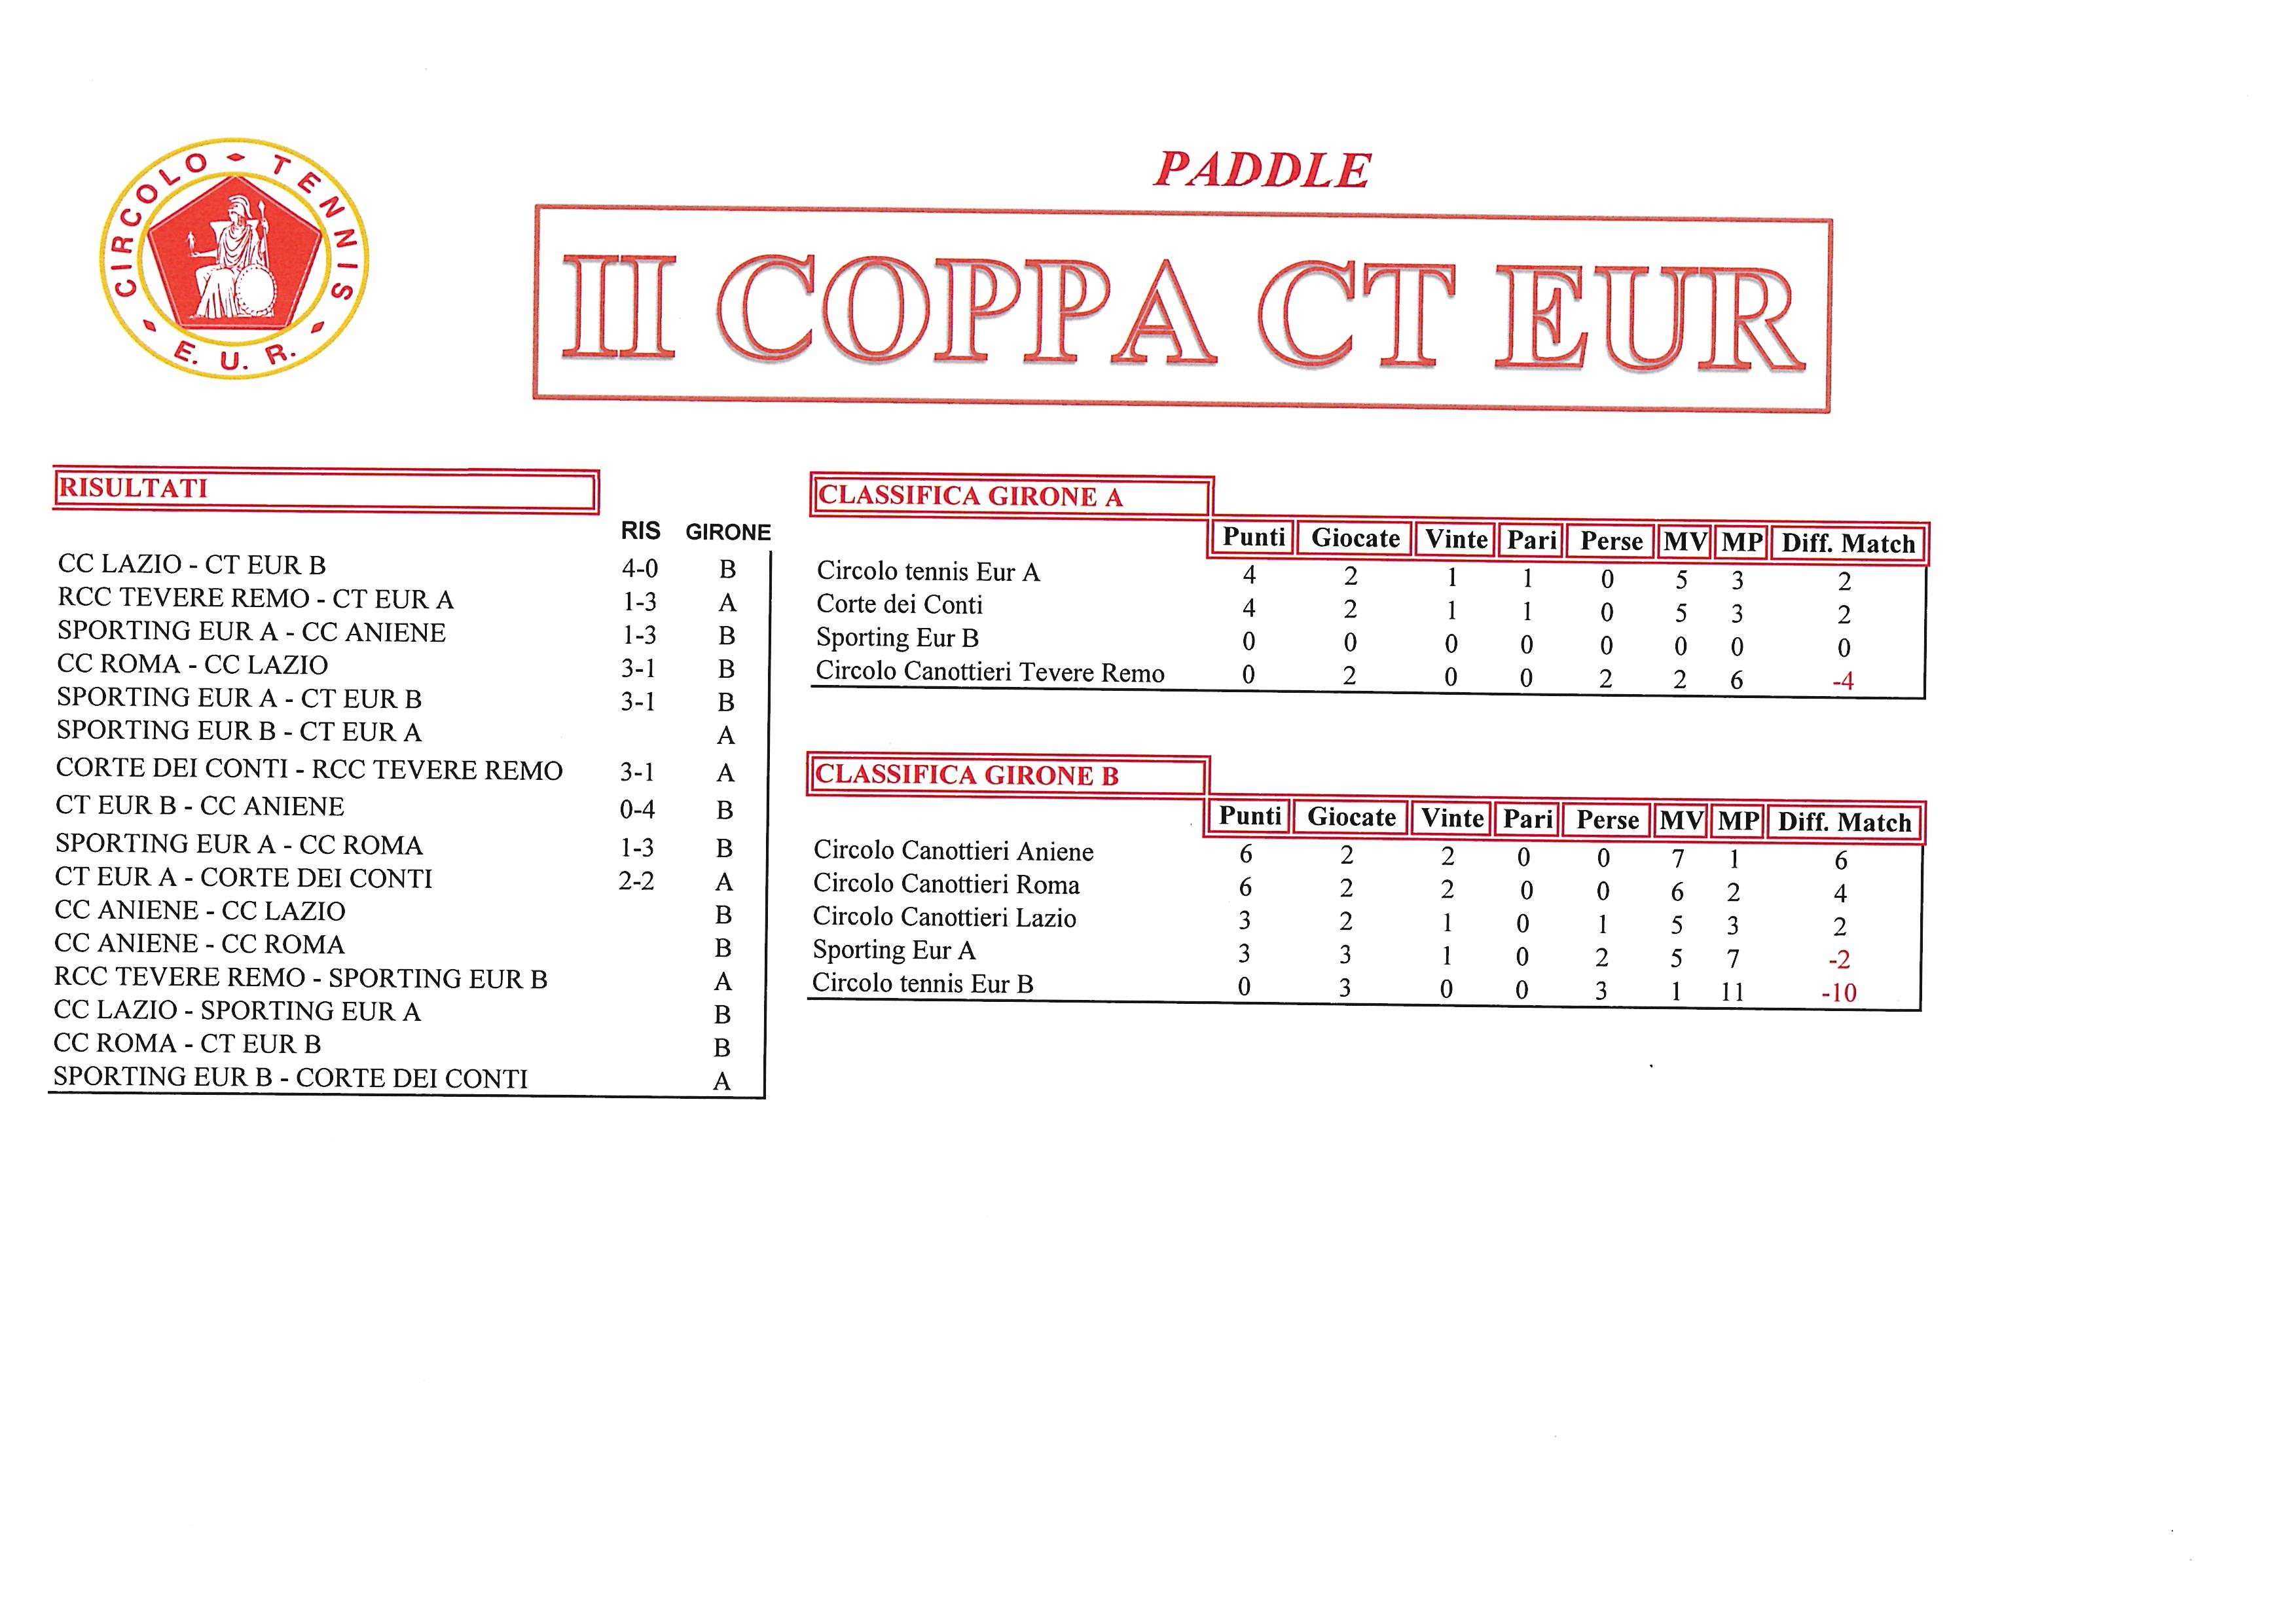 Coppa-CT-Eur-risultati-del-29-settembre-2017-Paddle